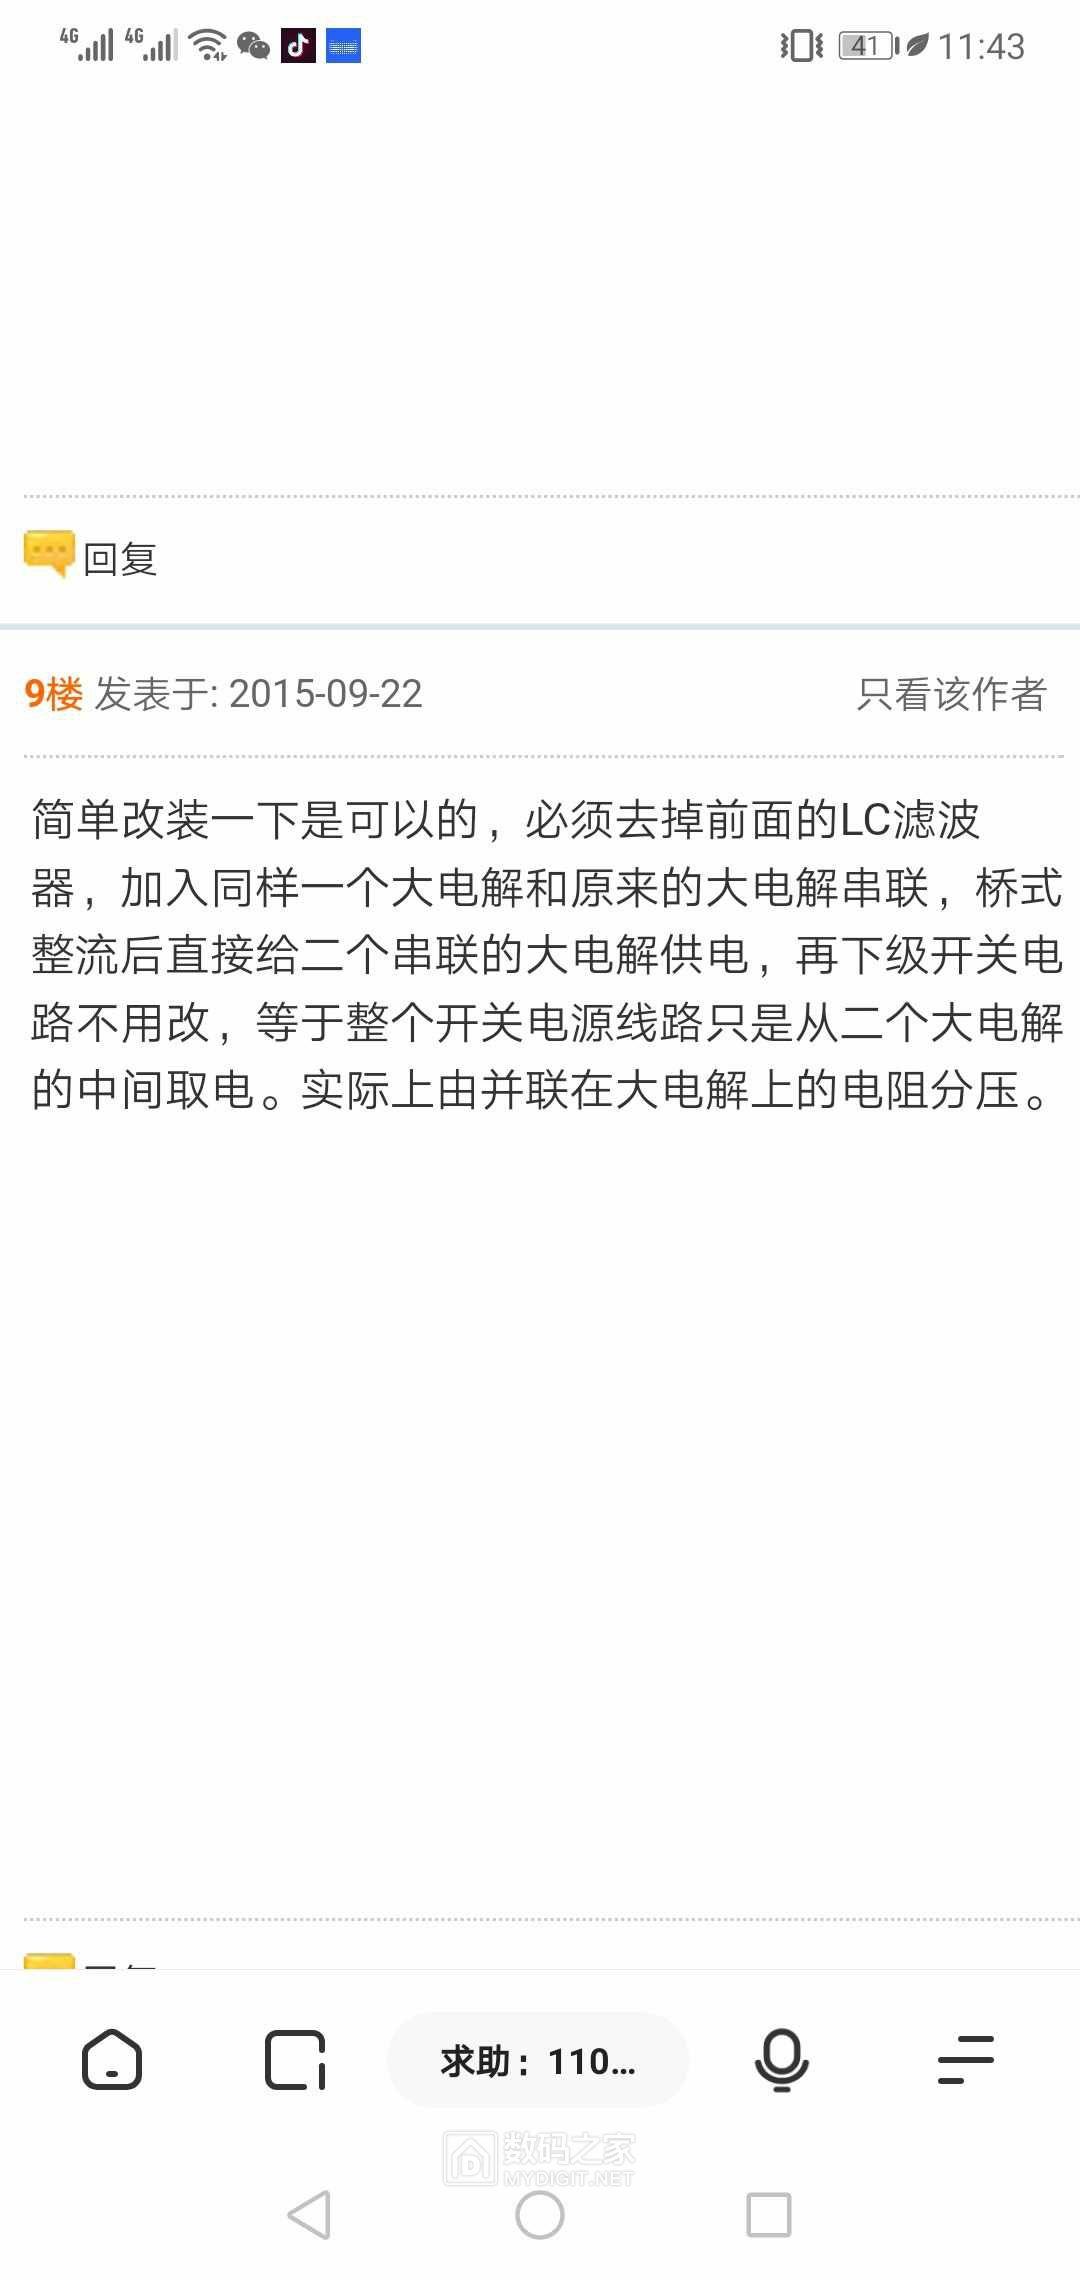 Screenshot_20200229_234339_com.quark.browser.jpg